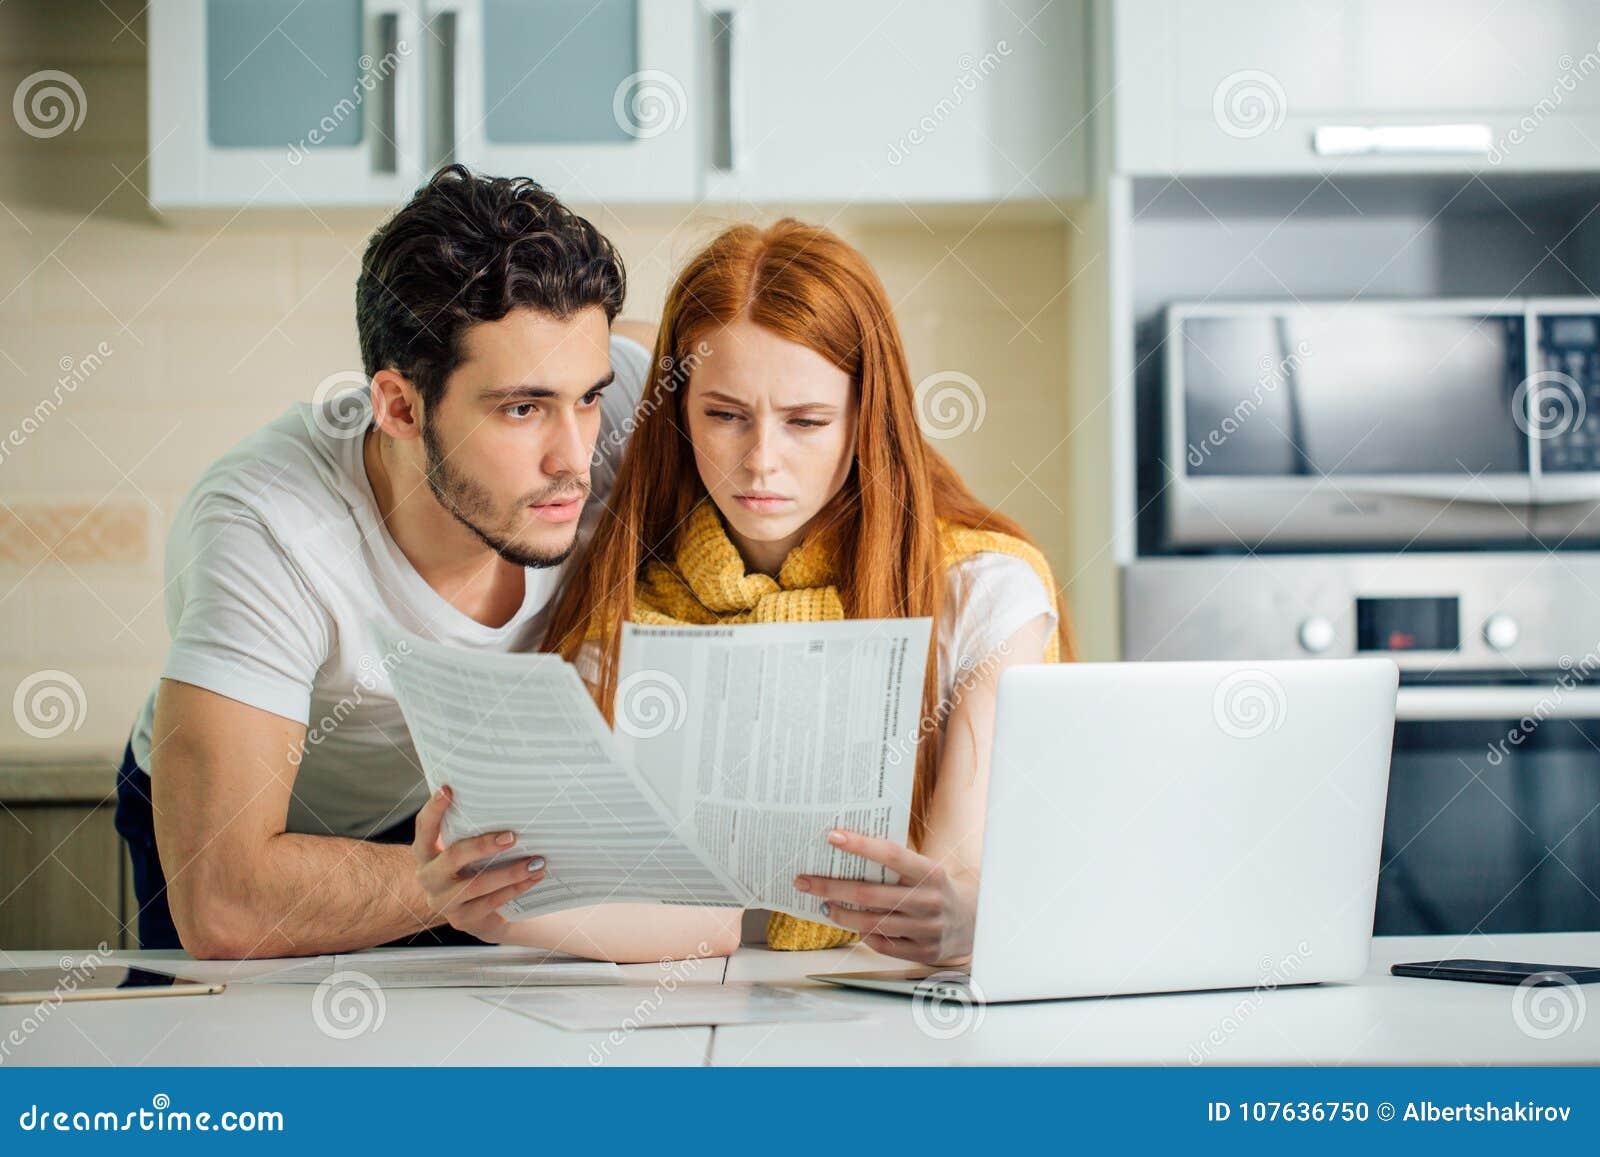 Presupuesto de manejo de la familia, revisando sus cuentas bancarias usando el ordenador portátil en cocina